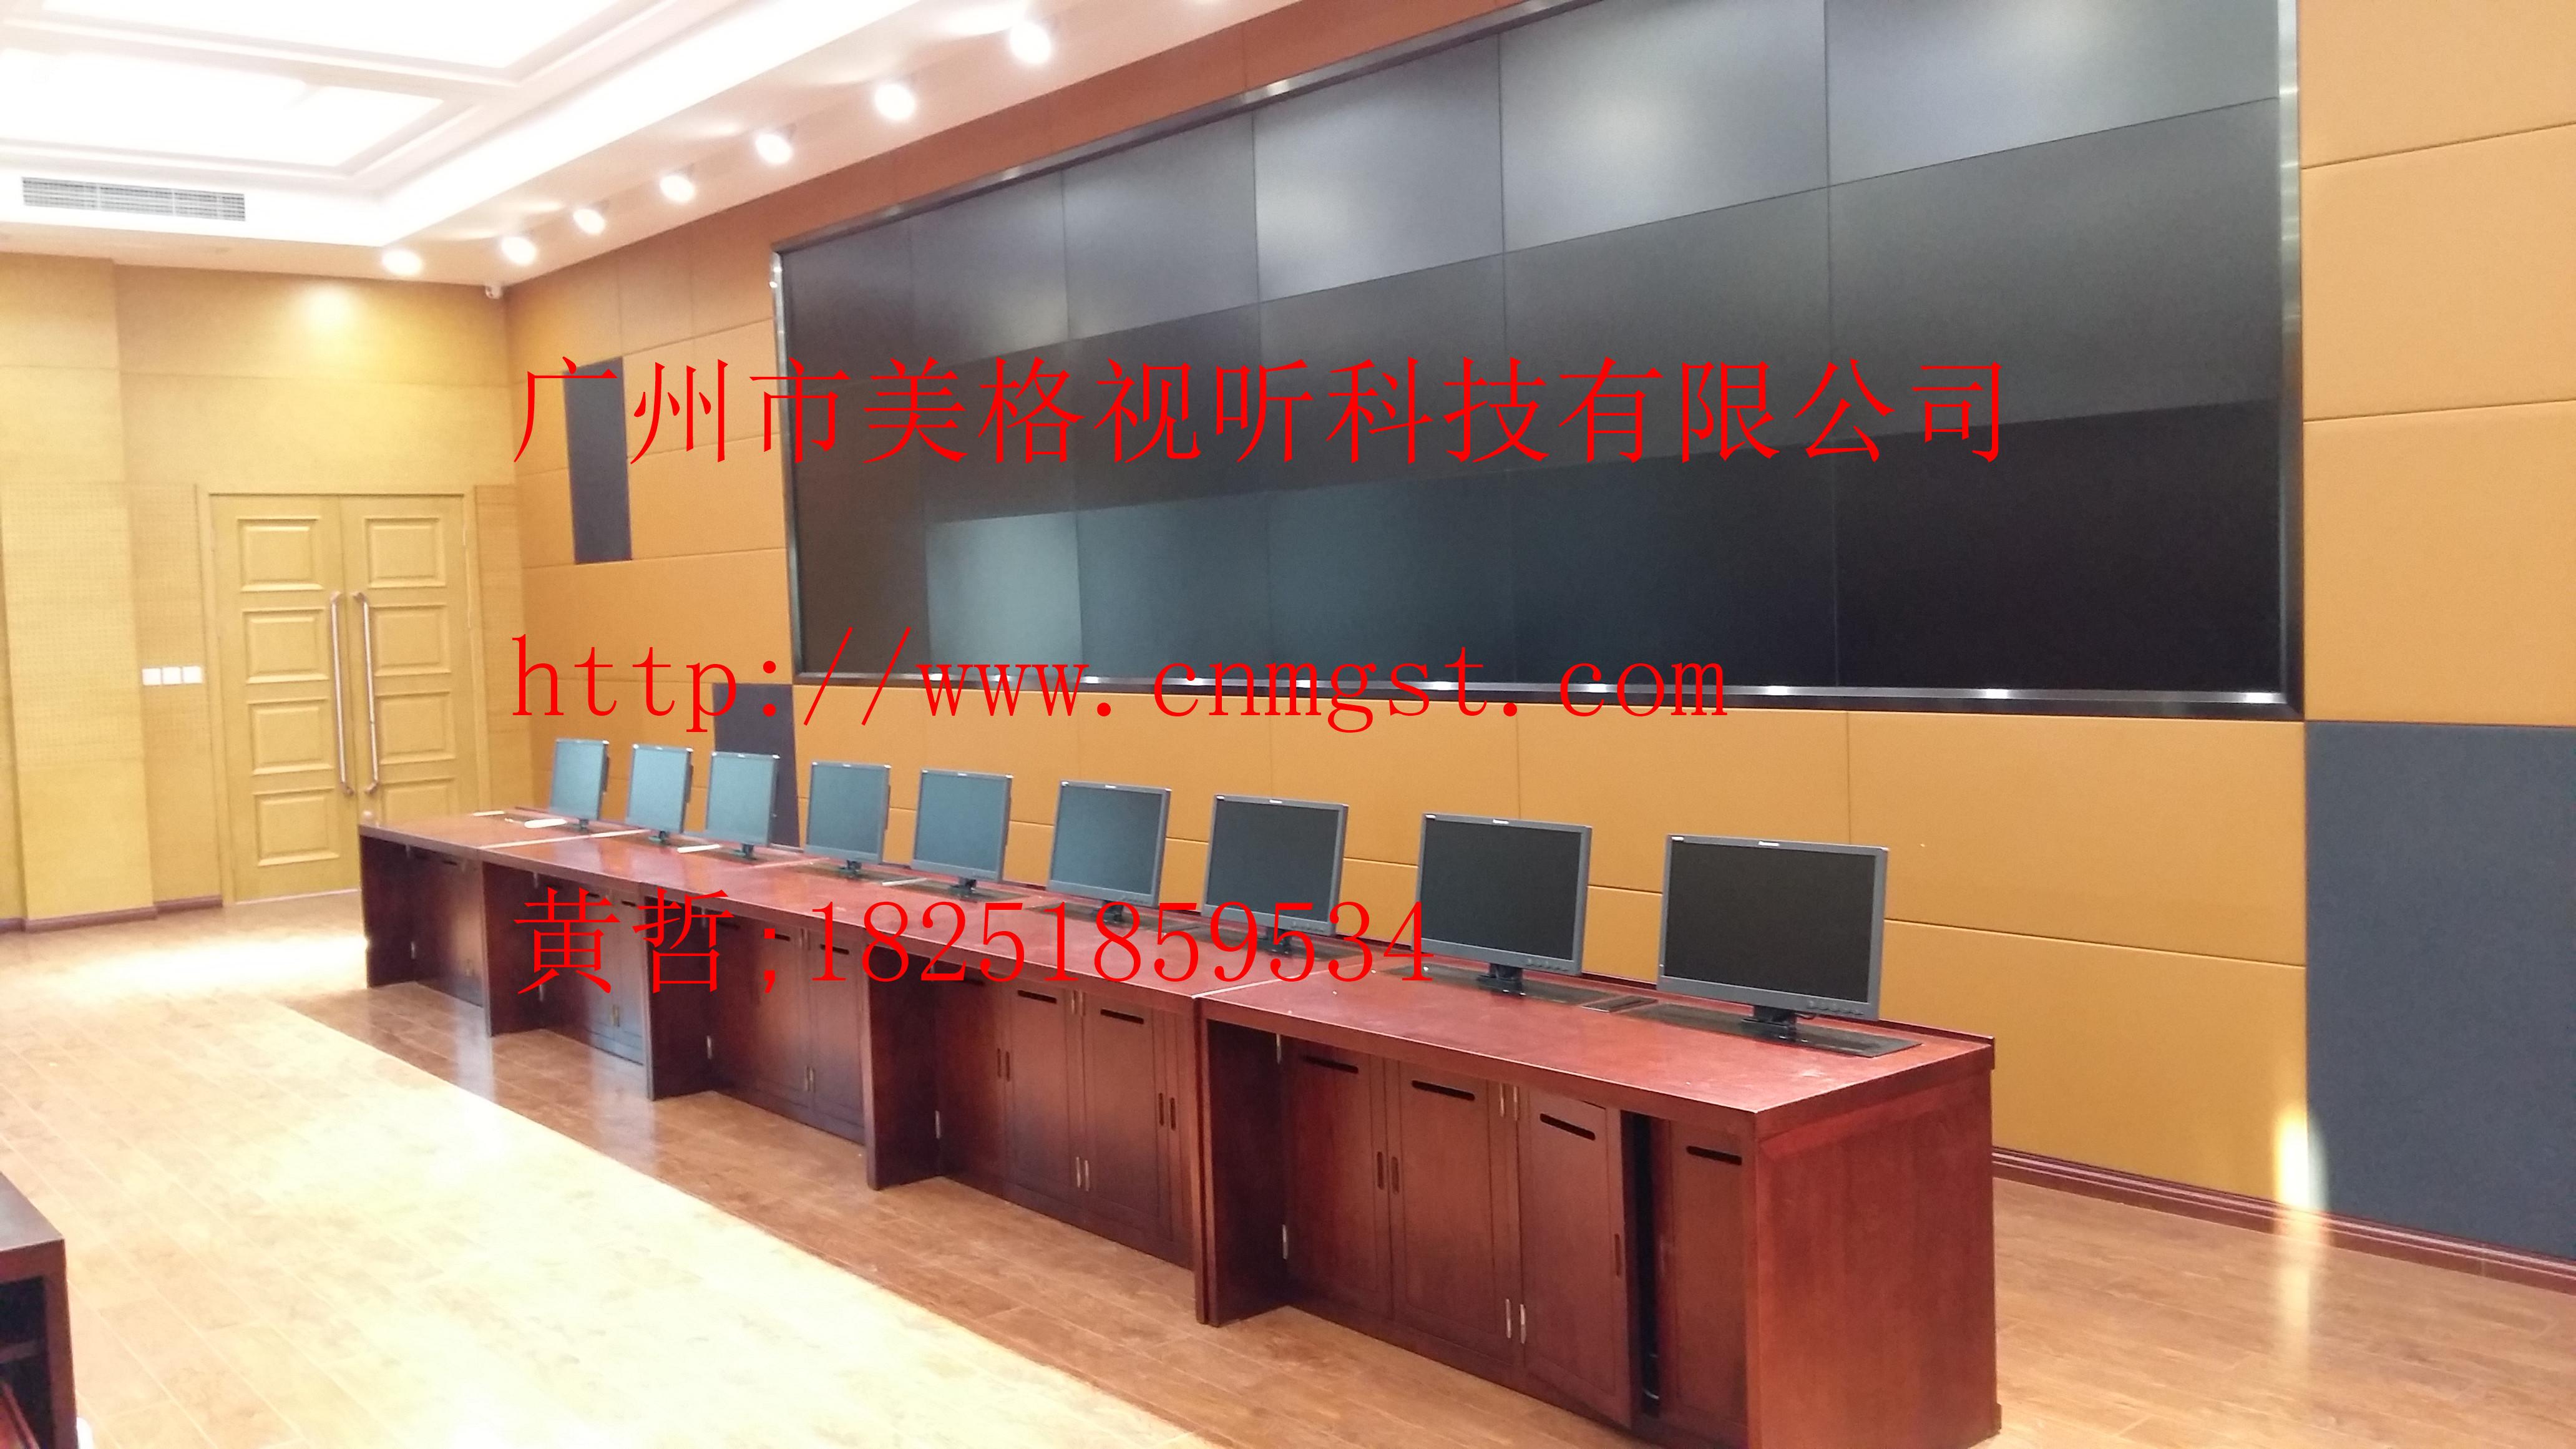 15.6寸超薄液晶屏一体升降器,液晶屏翻转器,文化办公设备